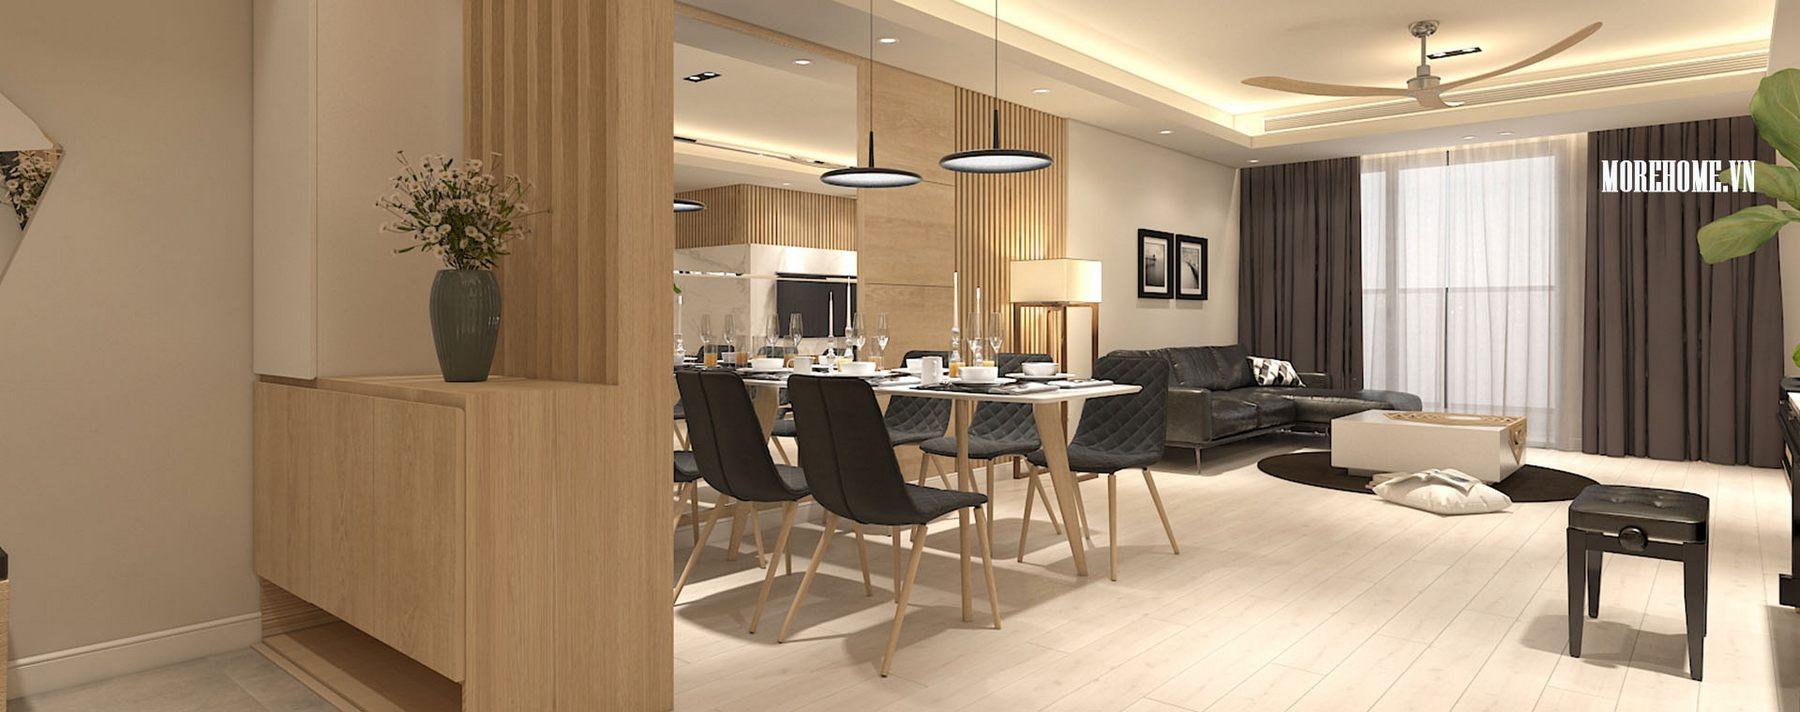 Thiết kế nội thất chung cư Mandarin 2 Tân Mai